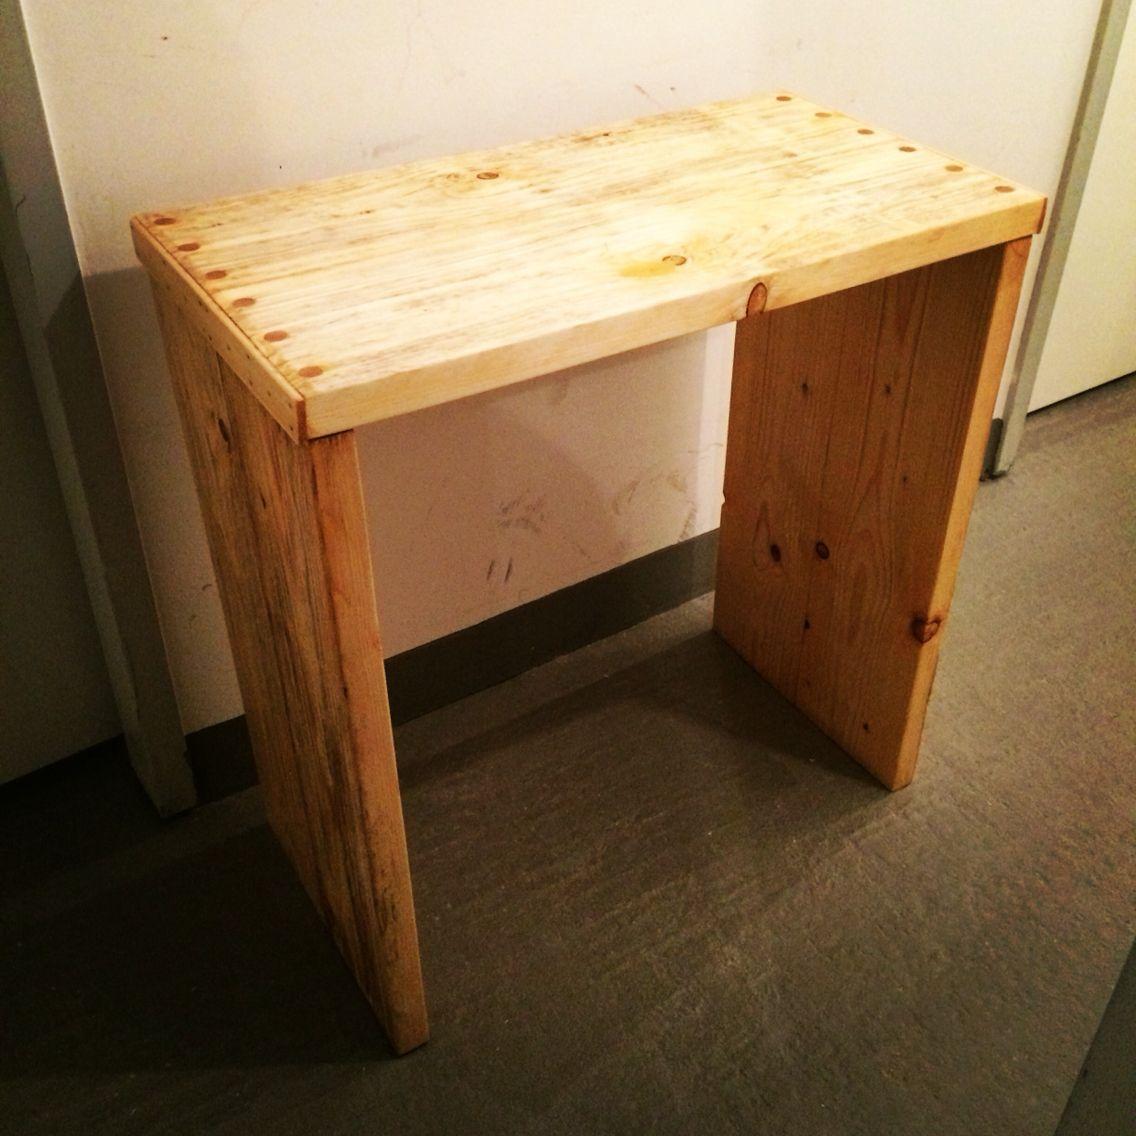 Erster Teil eines ausziehbaren Schreibtisch aus #Bauholz! Es wurde beabsichtigt auf Schrauben verzichtet! #diy #upcycling